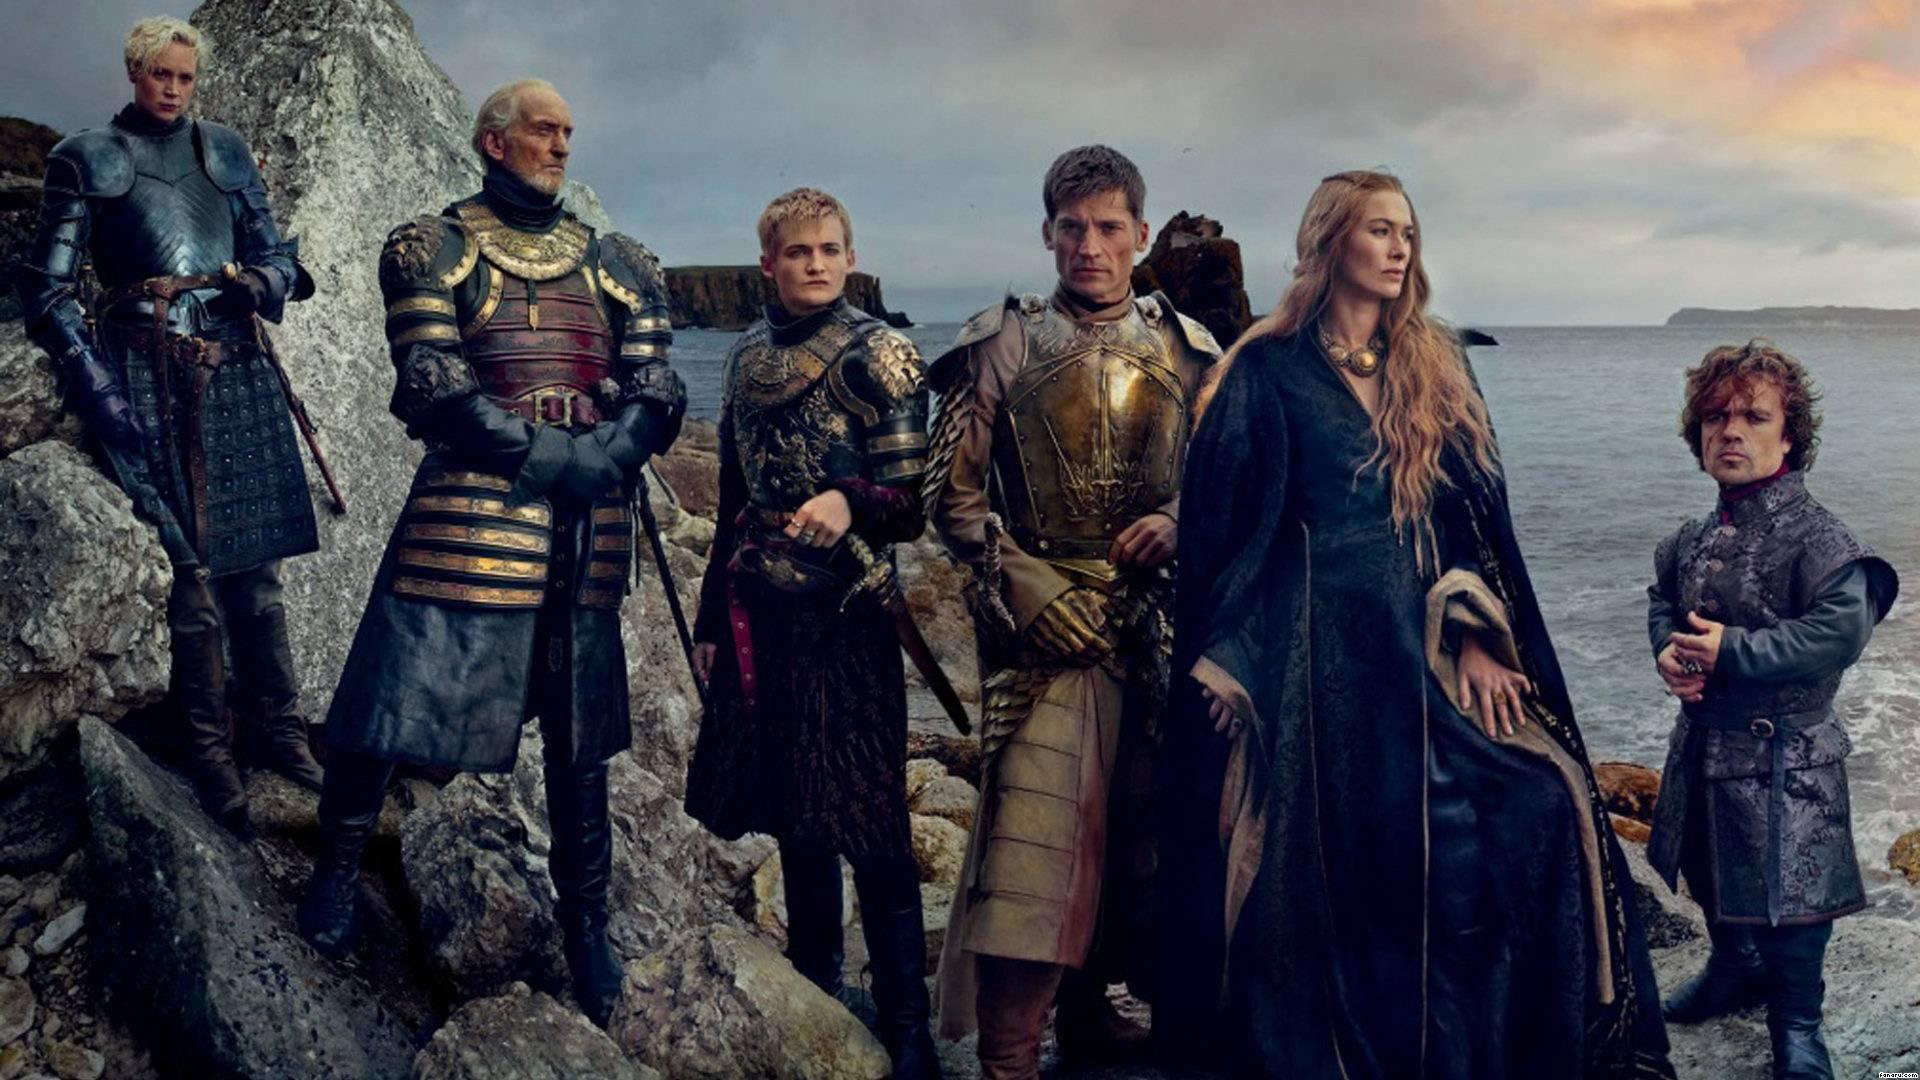 'Game Of Thrones' detalles de la temporada final - Radio Cantilo